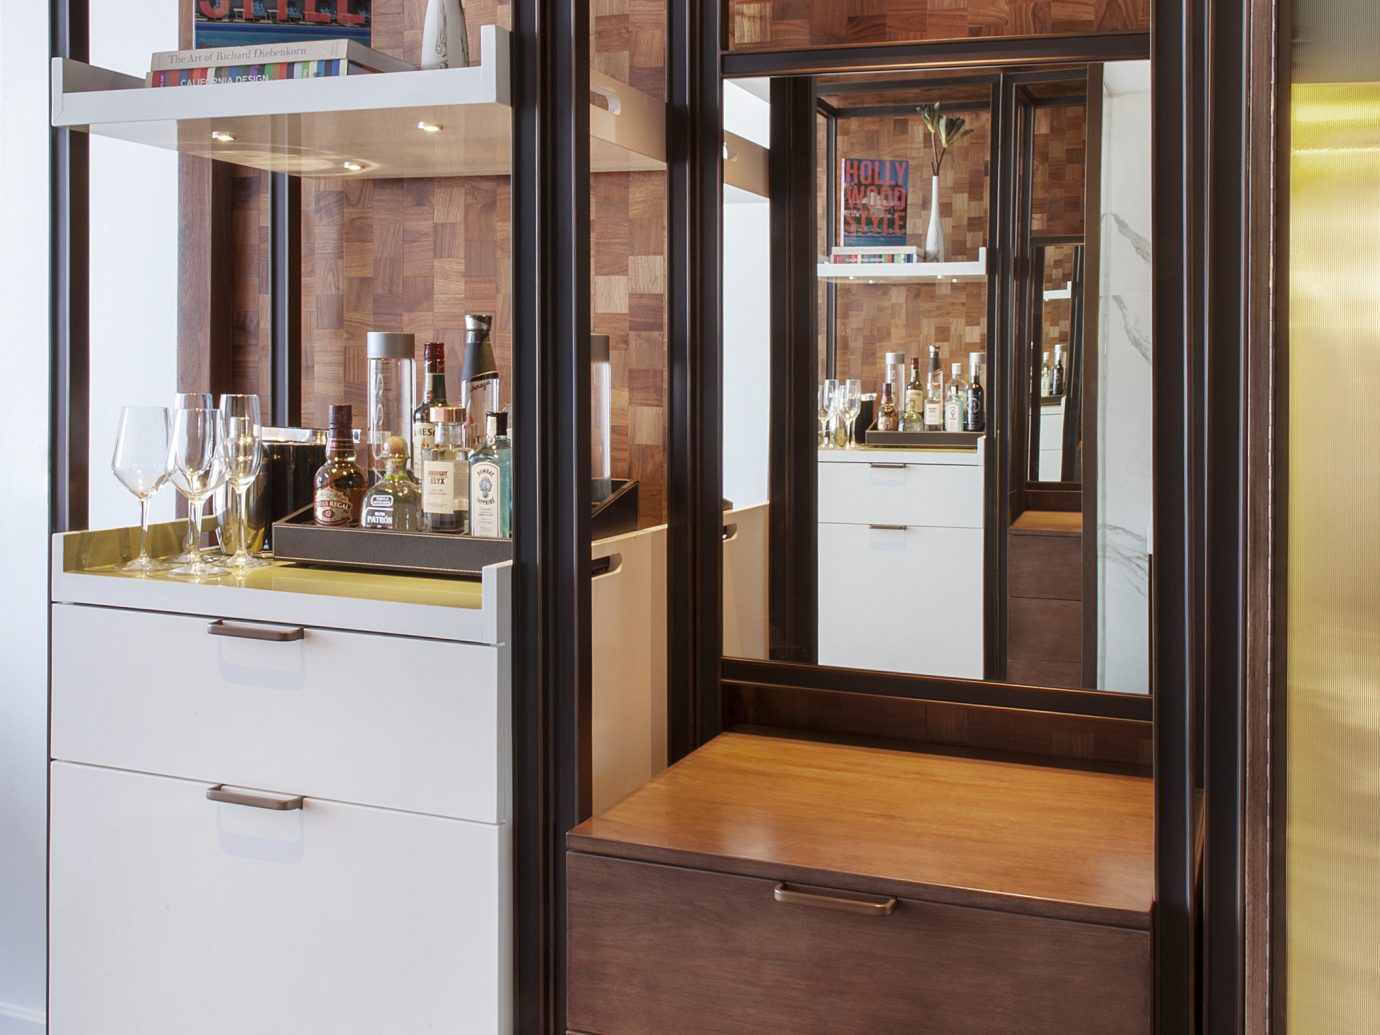 Hotels indoor floor room cabinetry furniture wood door cupboard interior design home lighting display case Design cabinet